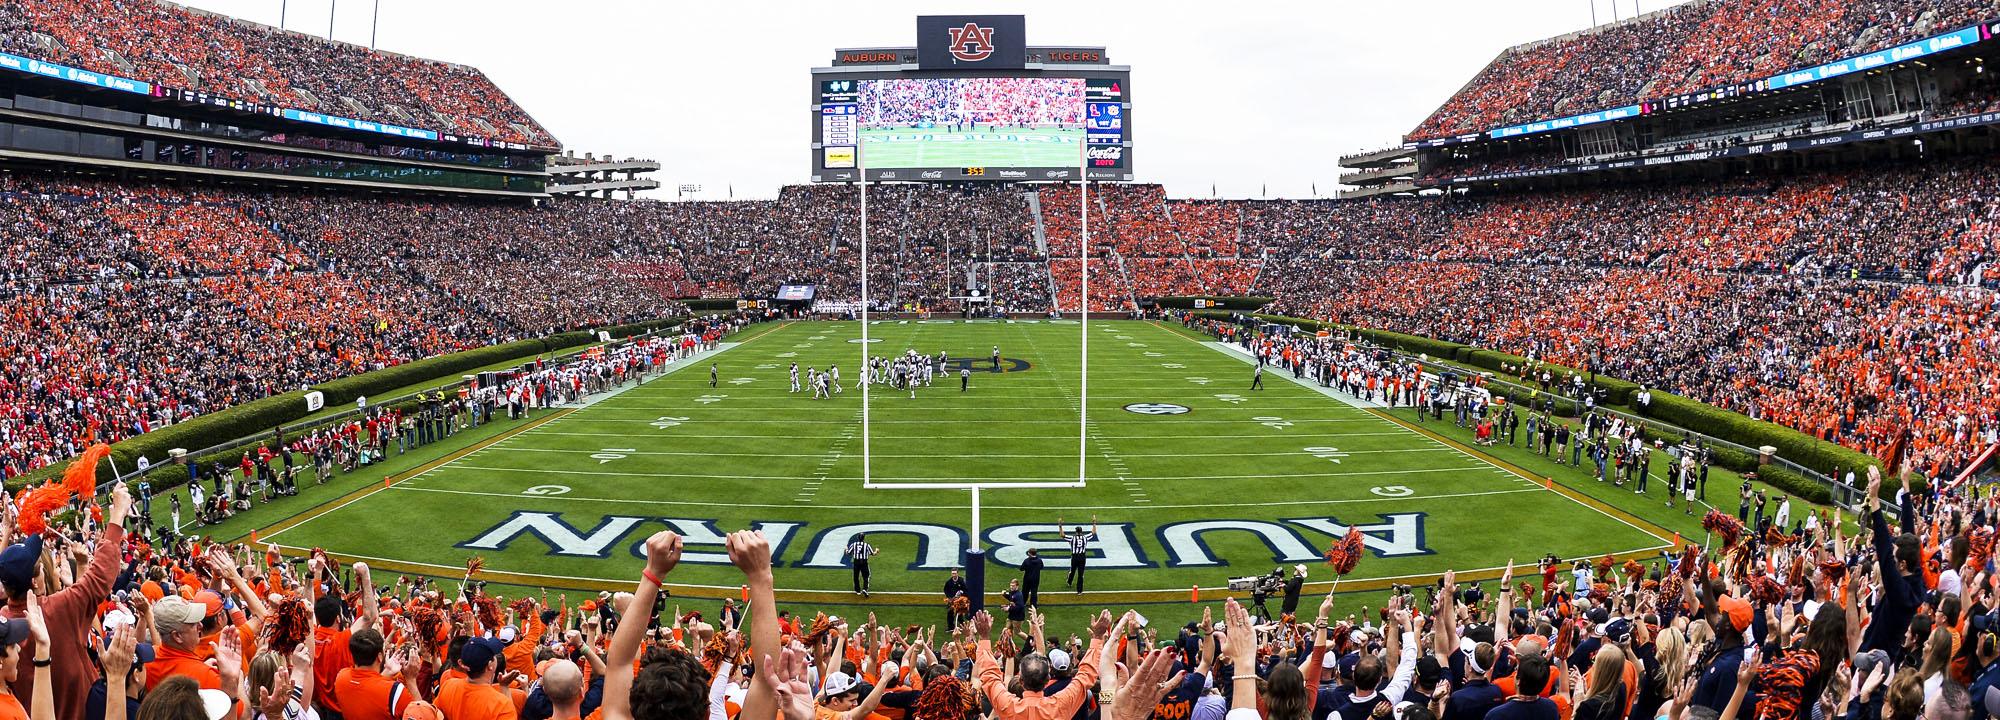 Panoramic View of Football Stadium